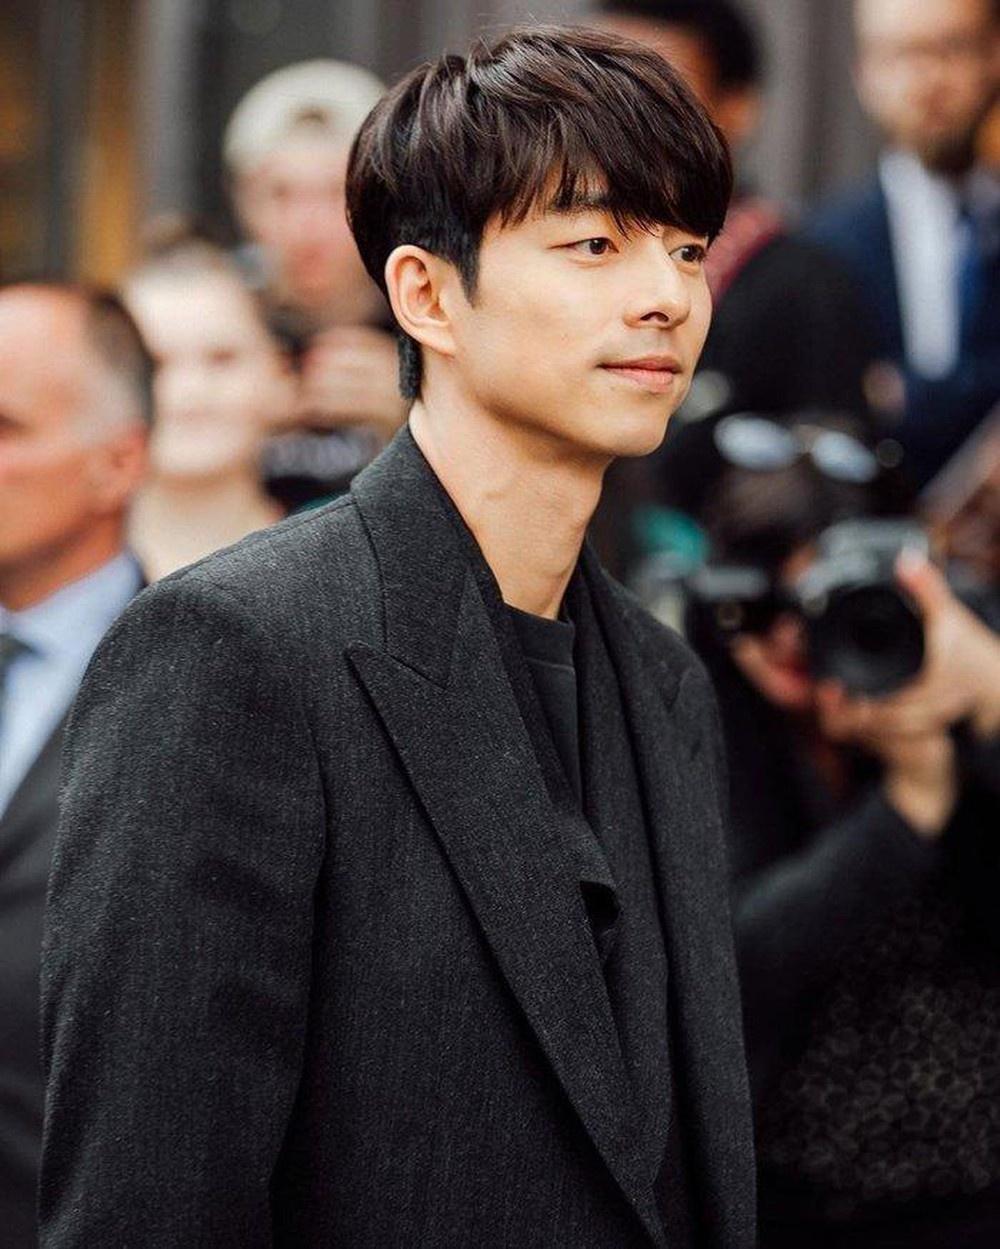 """Ở tuổi 40, Gong Yoo vẫn được mệnh danh là """"quý ông vạn người mê"""" của Kbiz. Ngoại hình ngày càng nam tính và sự nghiệp đạt đến đỉnh cao khiến anh trở thành cái tên luôn có sức hút mạnh mẽ với truyền thông và công chúng. Bên cạnh đó, nam tài tử còn được mệnh danh là một trong """"bốn chàng độc thân hoàng kim"""" của showbiz Hàn bởi chưa từng công khai hẹn hò với bất kỳ mỹ nhân nào."""